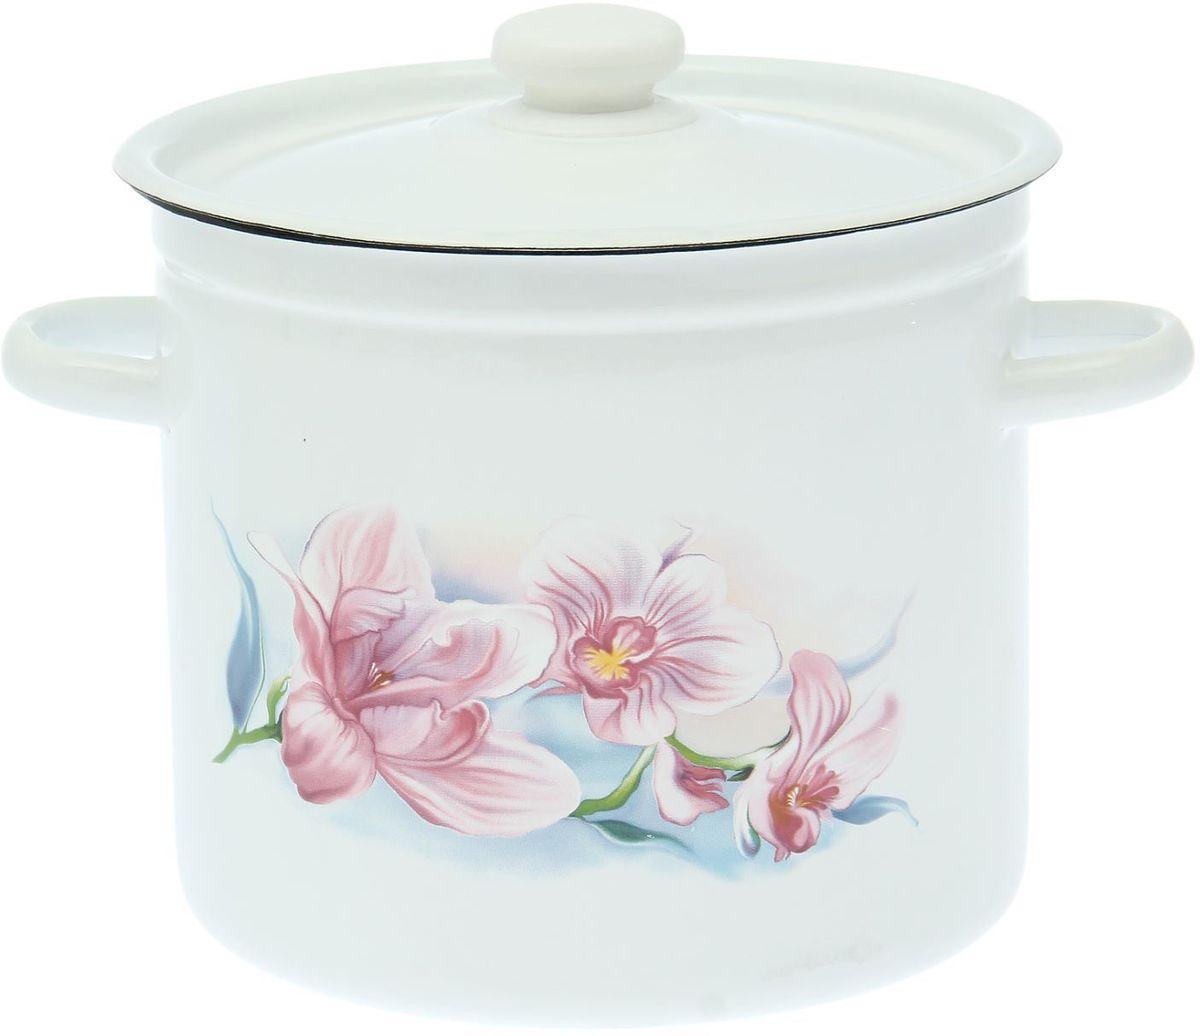 Кастрюля Epos Сиреневая орхидея, 7 л94672Эмалированная кастрюля пригодится вам для быстрого приготовления разных типов блюд. Такая посуда подходит для домашнего и профессионального использования.Кастрюля цилиндрическая — помощь на кухне на долгие годы.Достоинства:посуда быстро и равномерно нагревается;корпус стоек к ржавчине;изделие легко отмывается в посудомоечной машине.Благодаря приятным цветам кастрюля удачно впишется в любой дизайн интерьера. Наилучшее качество покрытия достигается за счёт того, что посуда проходит обжиг при температуре до 800 градусов.Чтобы предмет сохранял наилучшие эксплуатационные свойства, соблюдайте правила ухода:избегайте ударов и падений;не пользуйтесь высокоабразивными чистящими средствами;не допускайте резких перепадов температуры.Посуда подходит для долговременного хранения пищи.